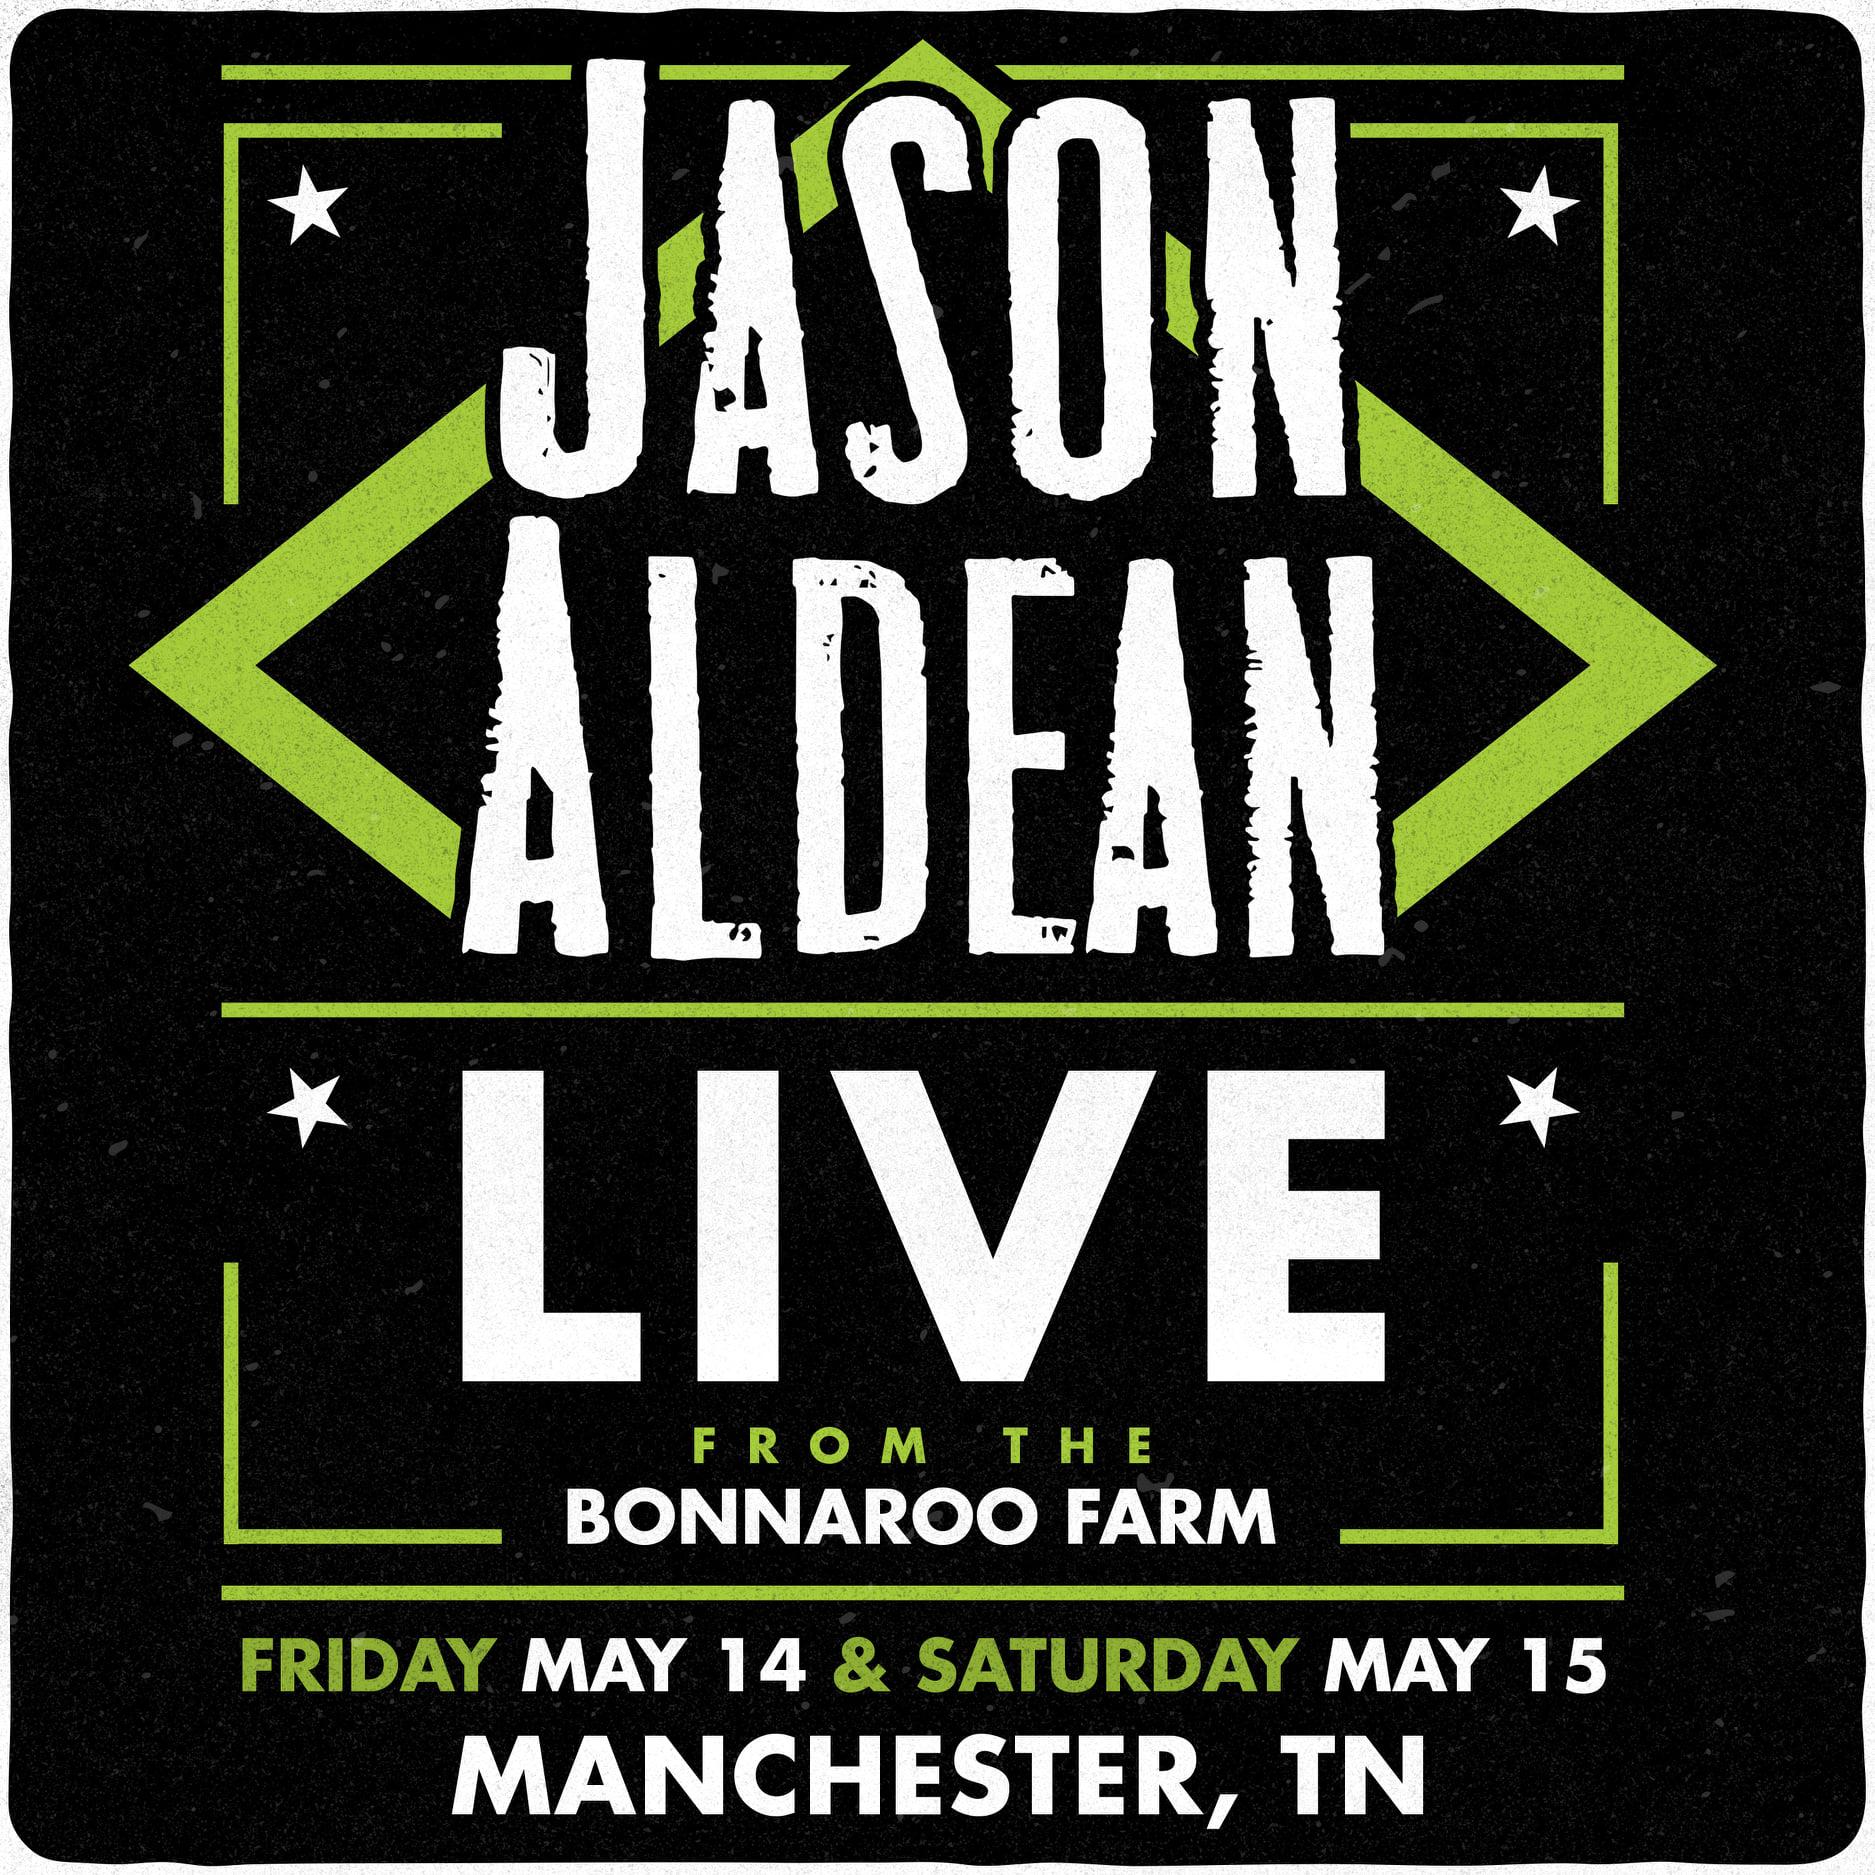 Jason Aldean: Live from the Bonnaroo Farm